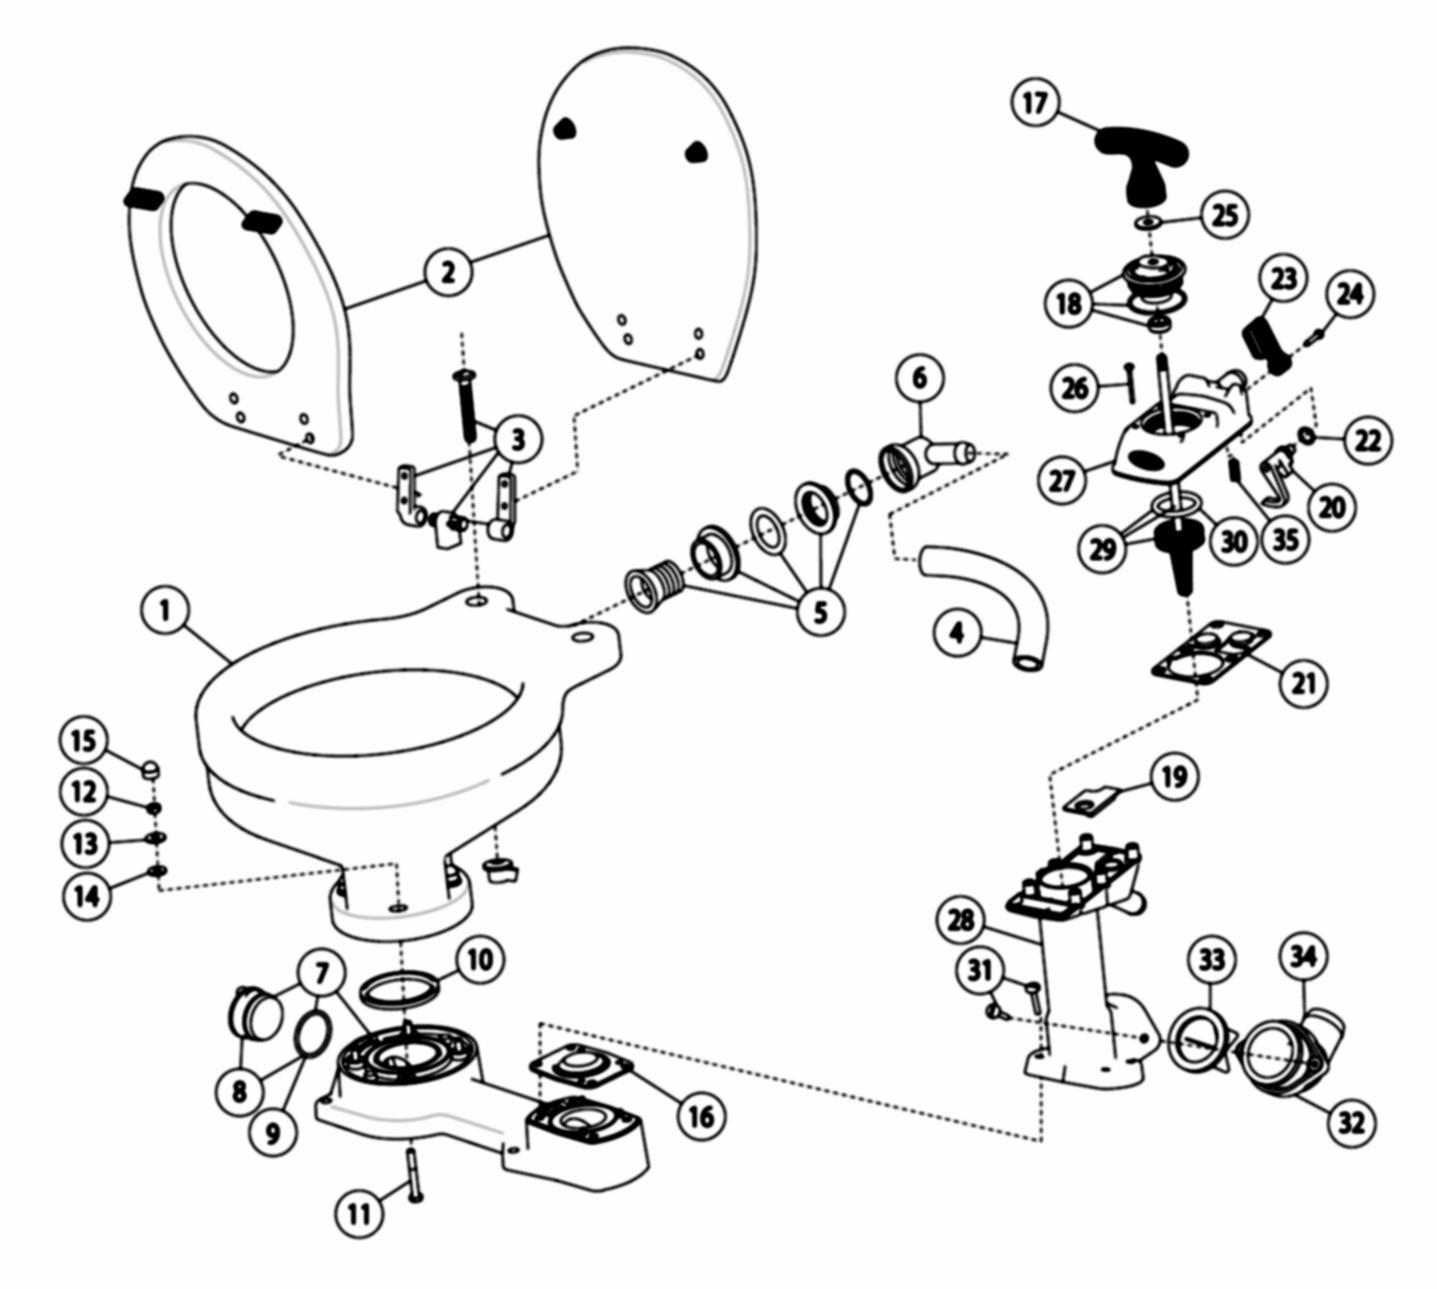 Jabsco 29120 3000 Manual Twist N Lock Toilet Regular